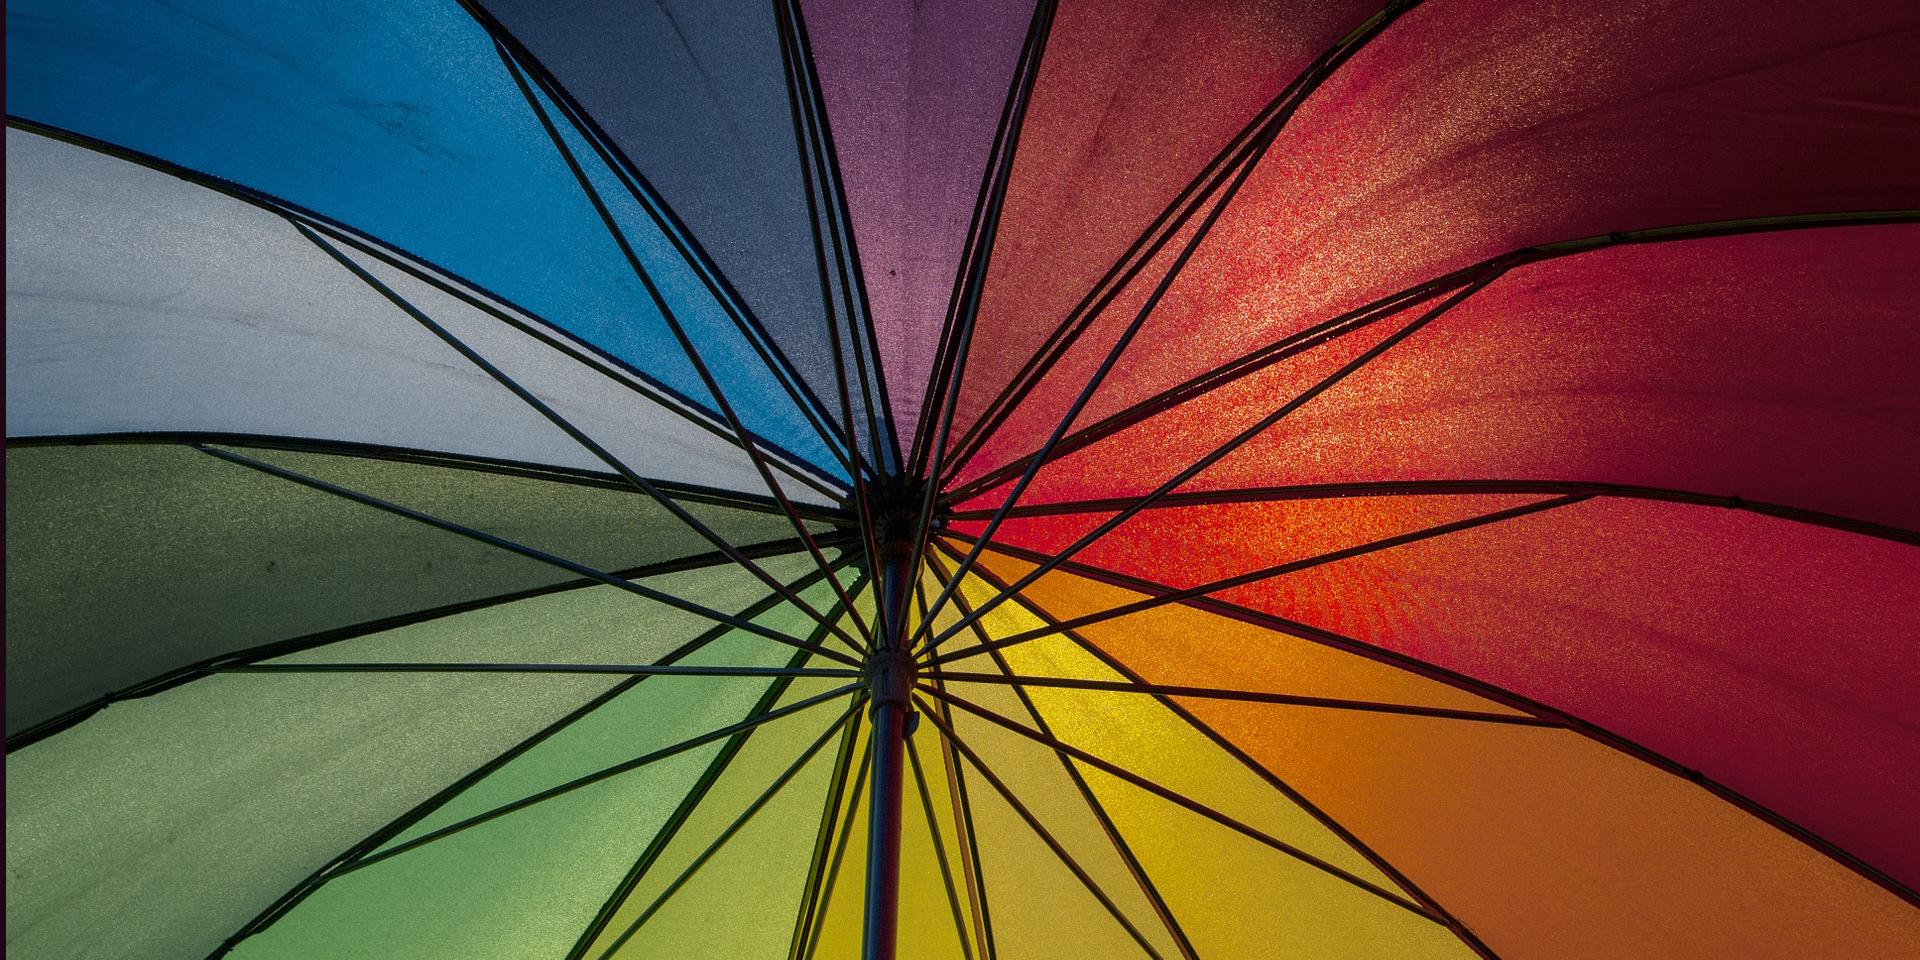 Regenschirm im Regenbogenfarben